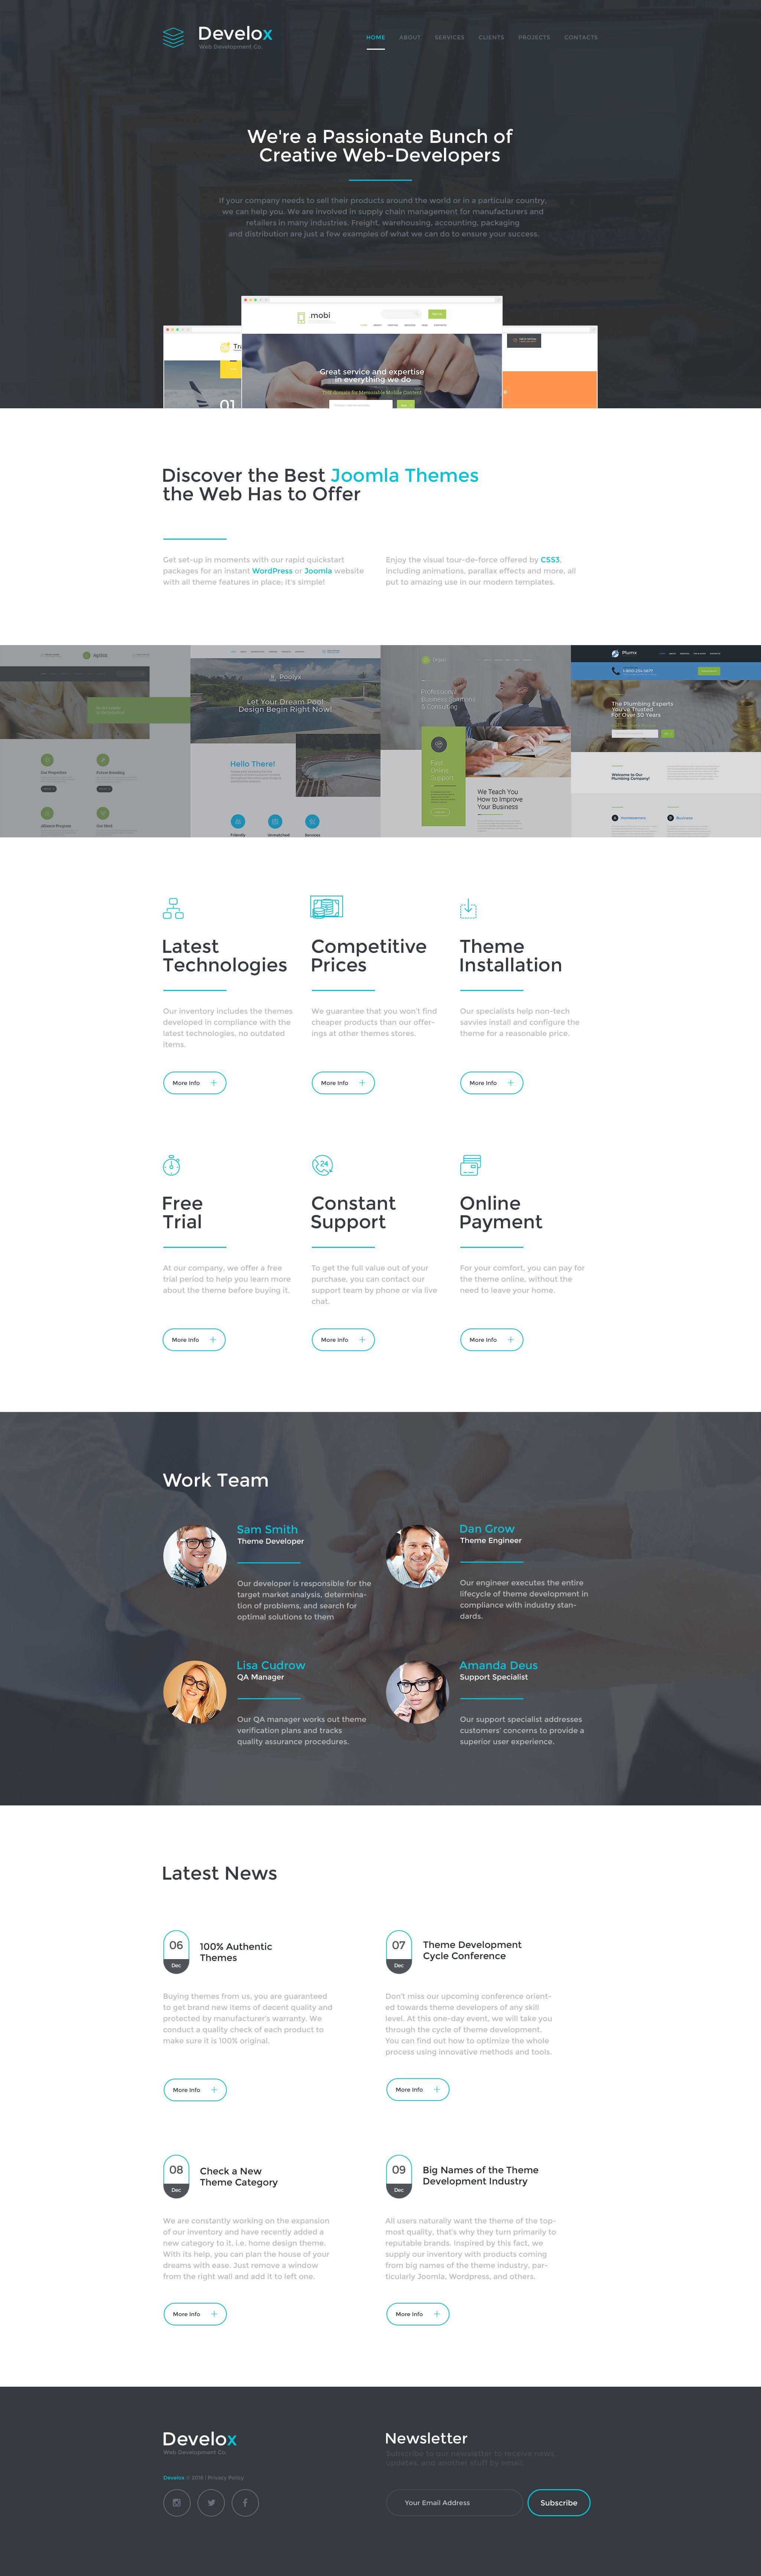 Develox Website Template Pinterest Web Design Company Template - Web development company templates